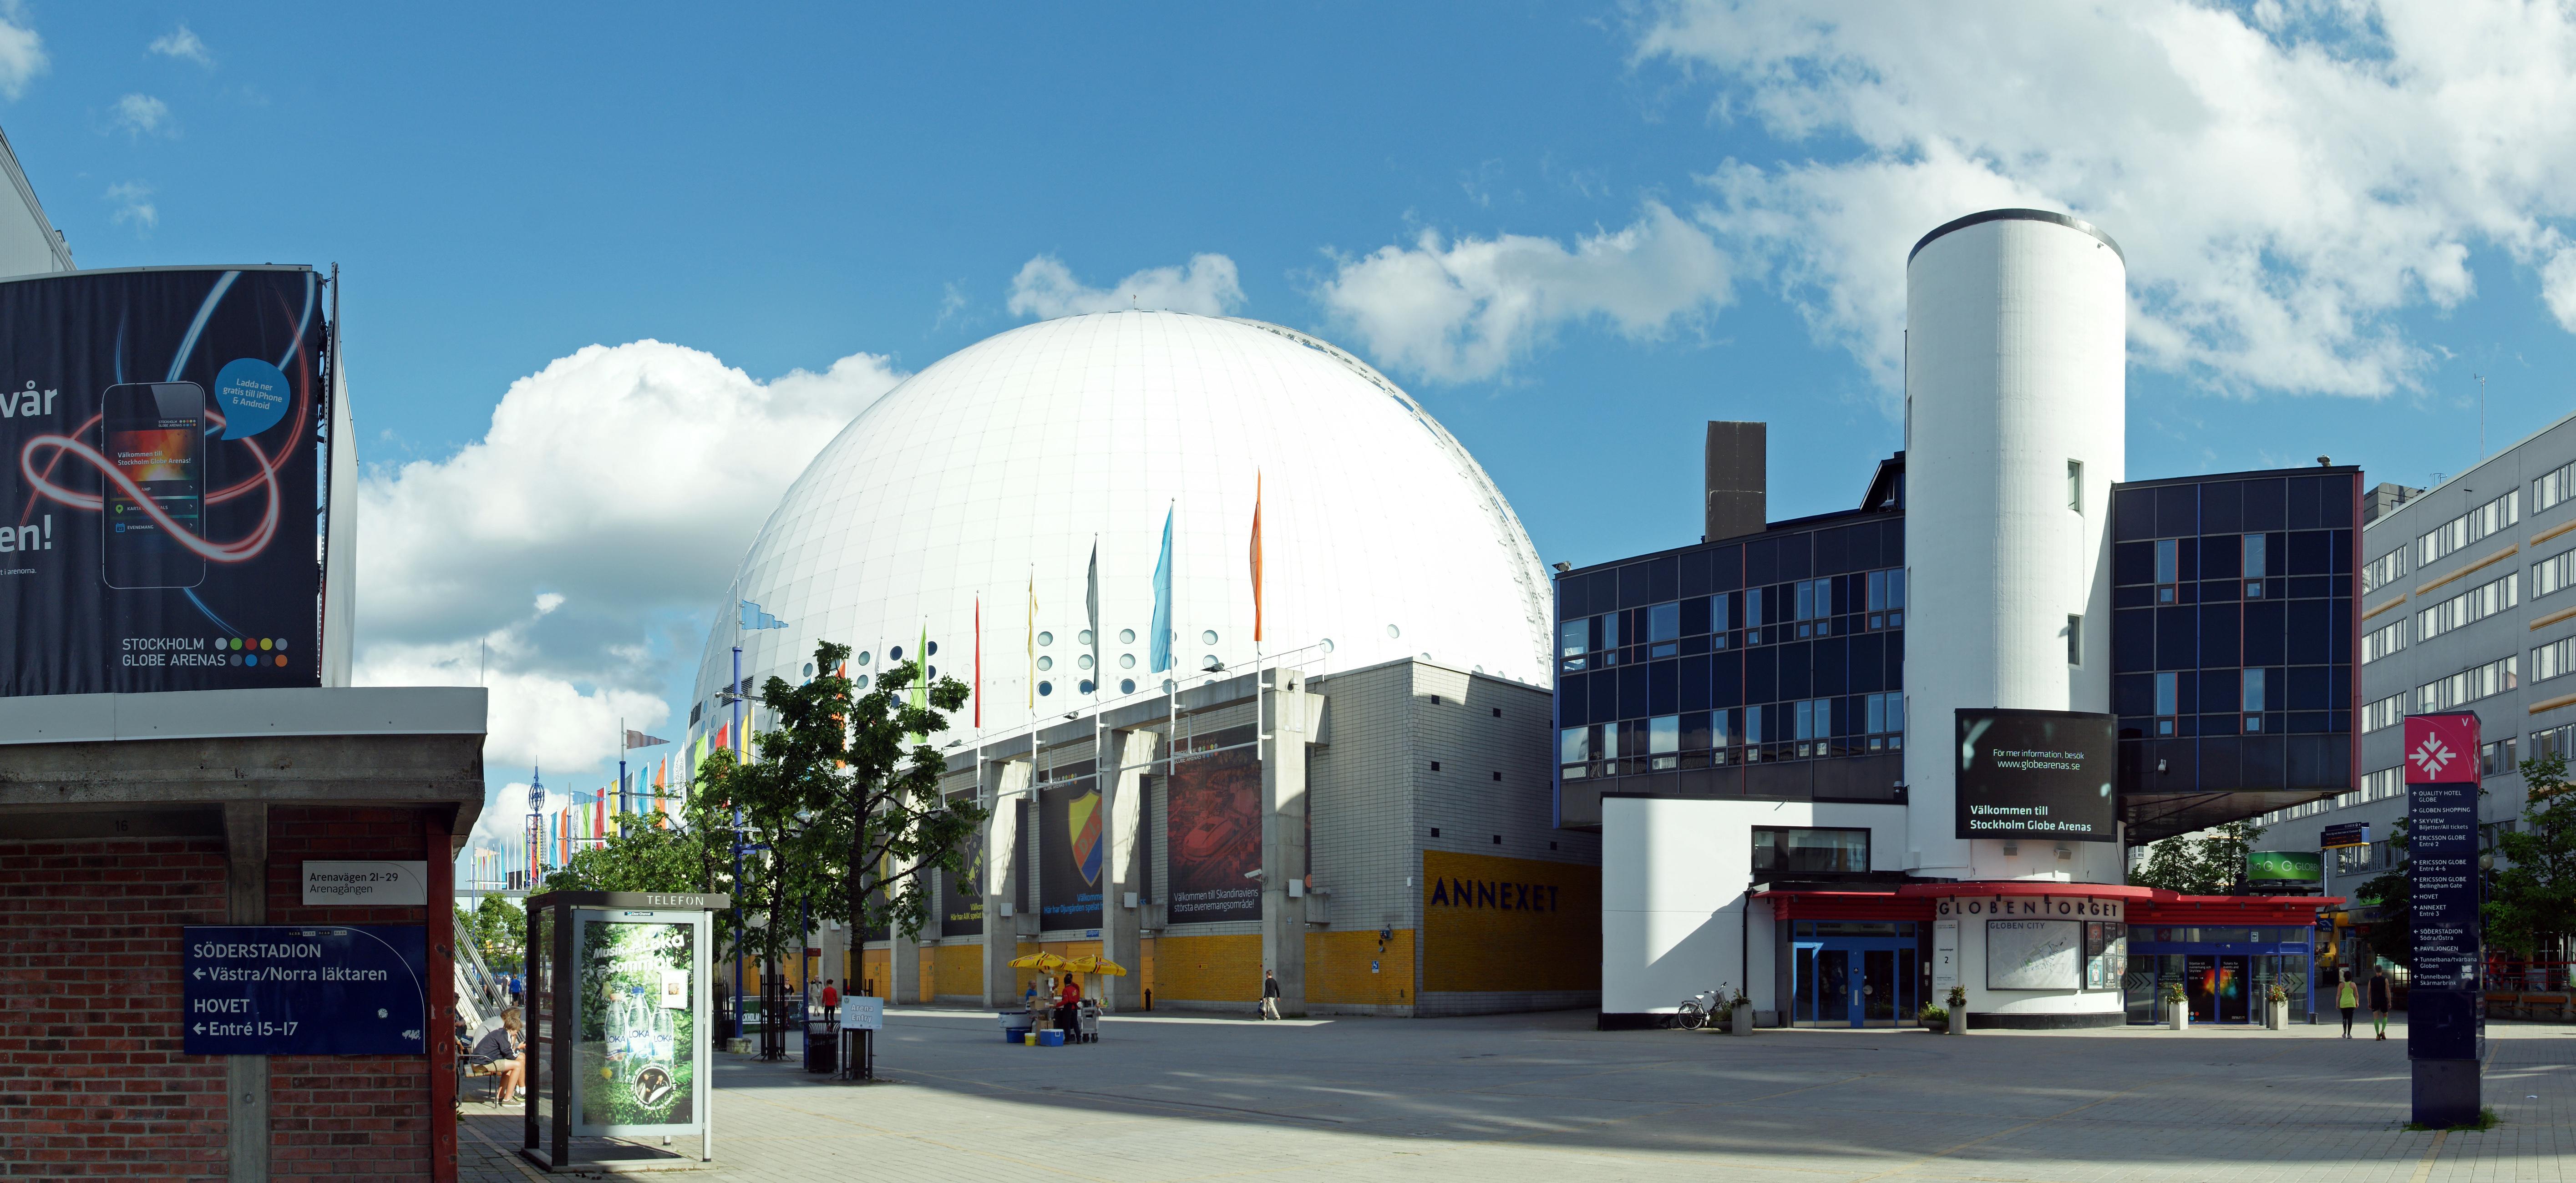 Прямо по центру - Globen. Слева - начало пресс-центра (Арена Hovet).